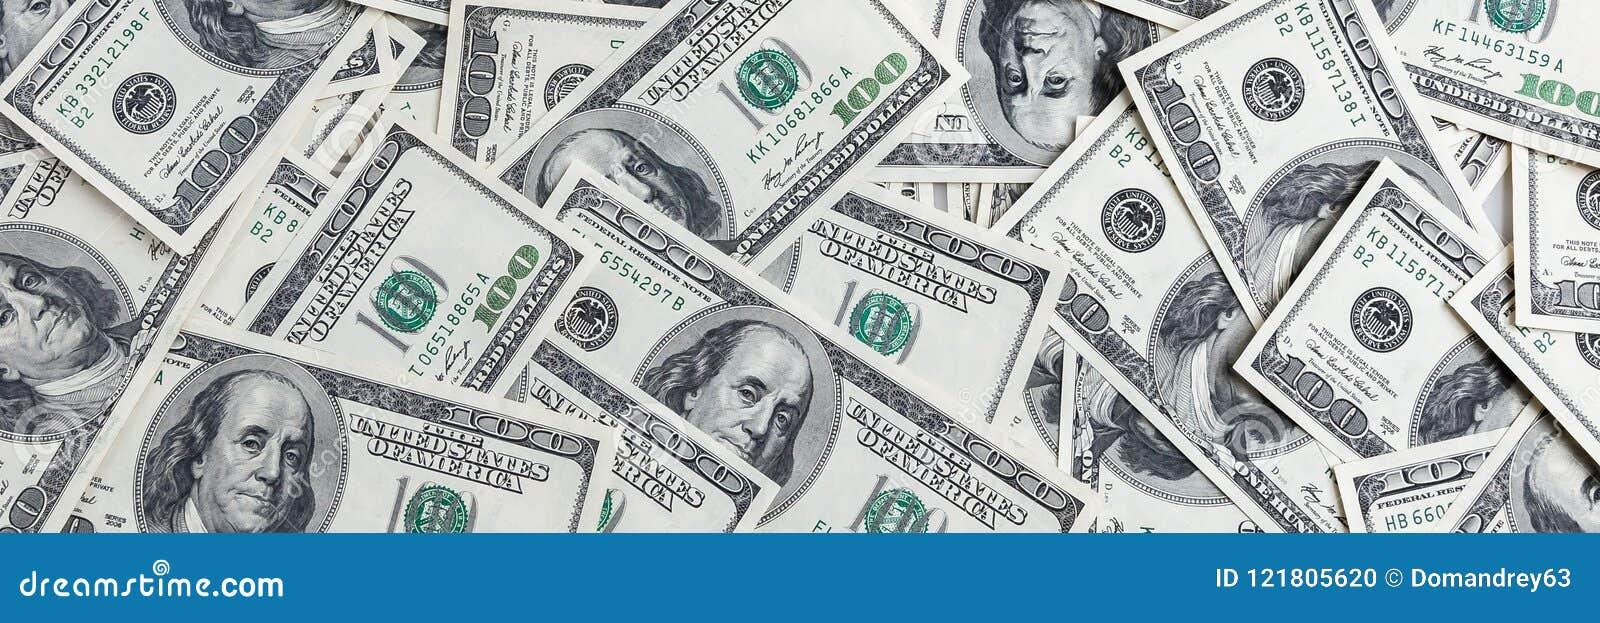 Un mucchio di cento banconote degli Stati Uniti I contanti di cento banconote in dollari, immagine di sfondo del dollaro